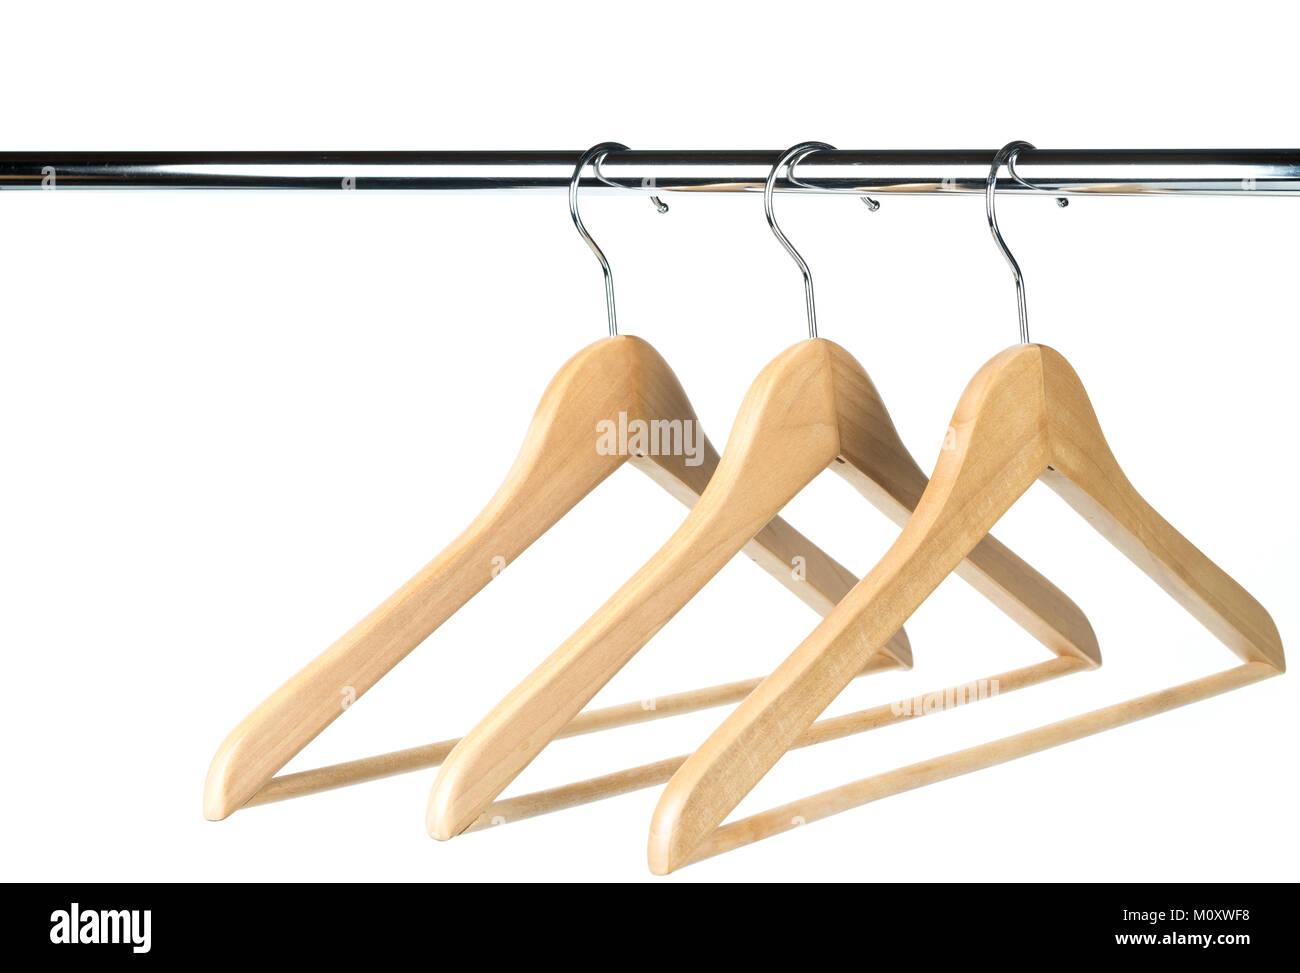 Drei leere Holz- Mantel-/Kleiderbügel auf einer Kleiderstange mit ...